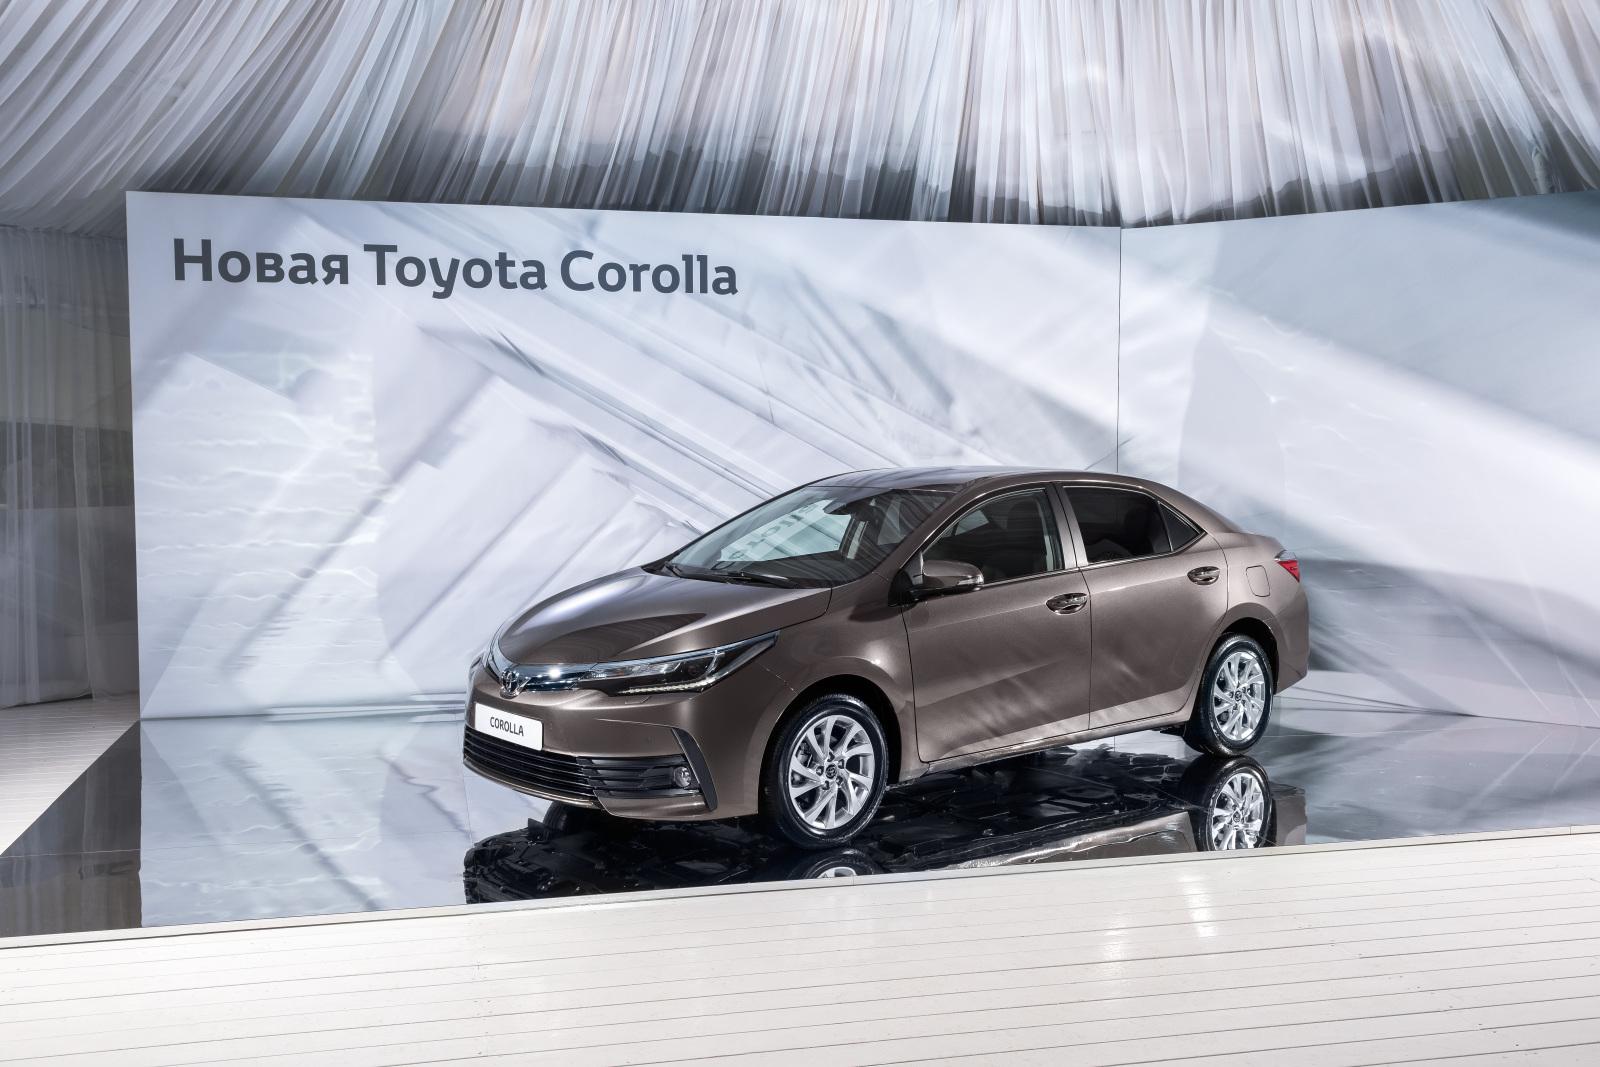 Передняя часть машины выполнена в стилистике фирменной дизайнерской концепции Advanced Premium и отличается светодиодными фарами